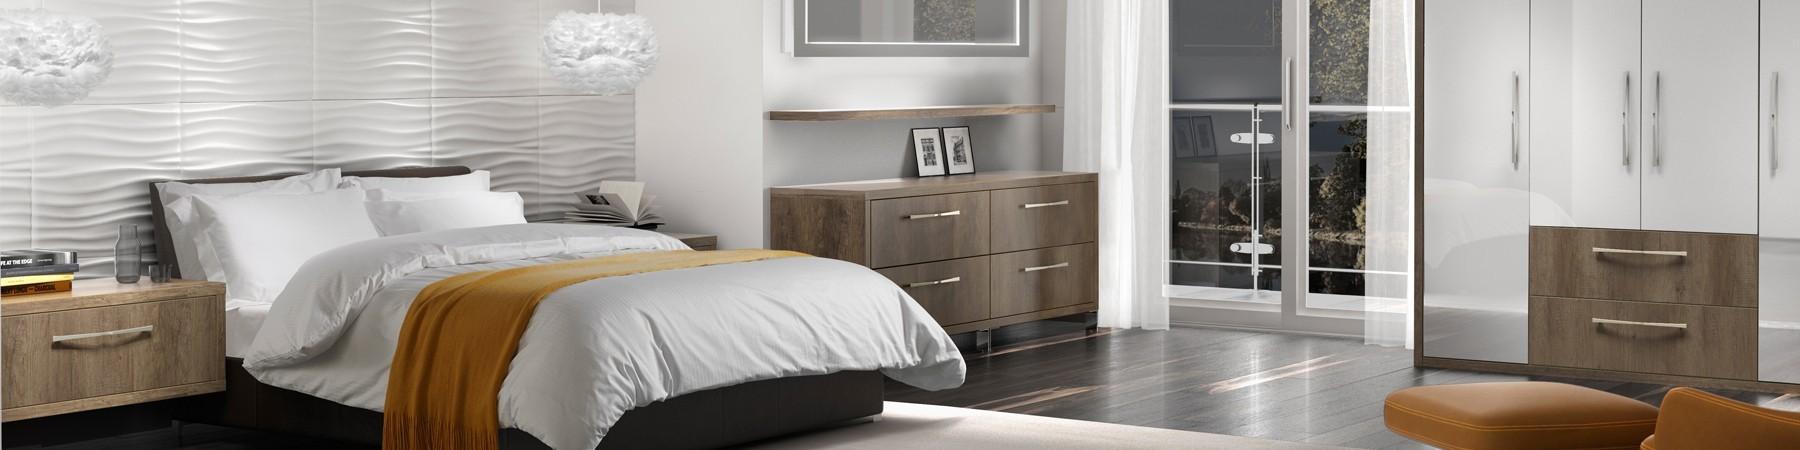 Giường ngủ hai tầng, thông minh,tiết kiệm diện tích,giường ngủ trẻ em